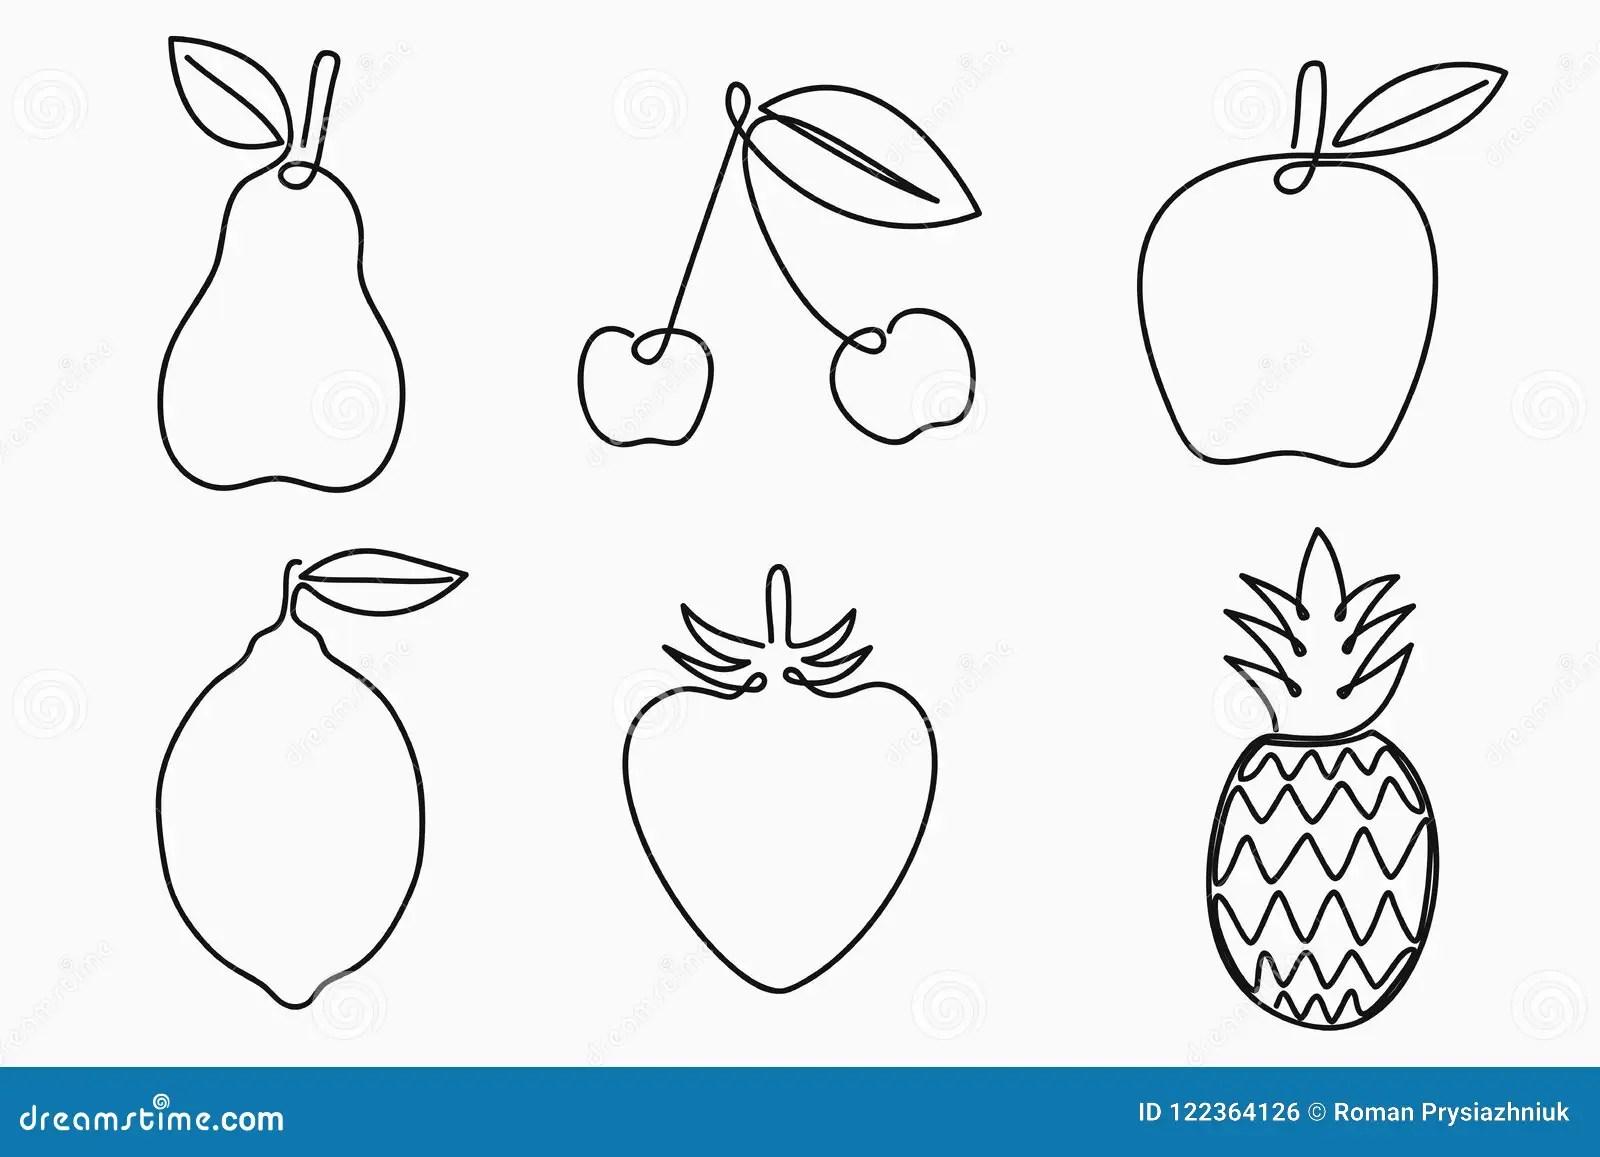 pinapple apple pen pen